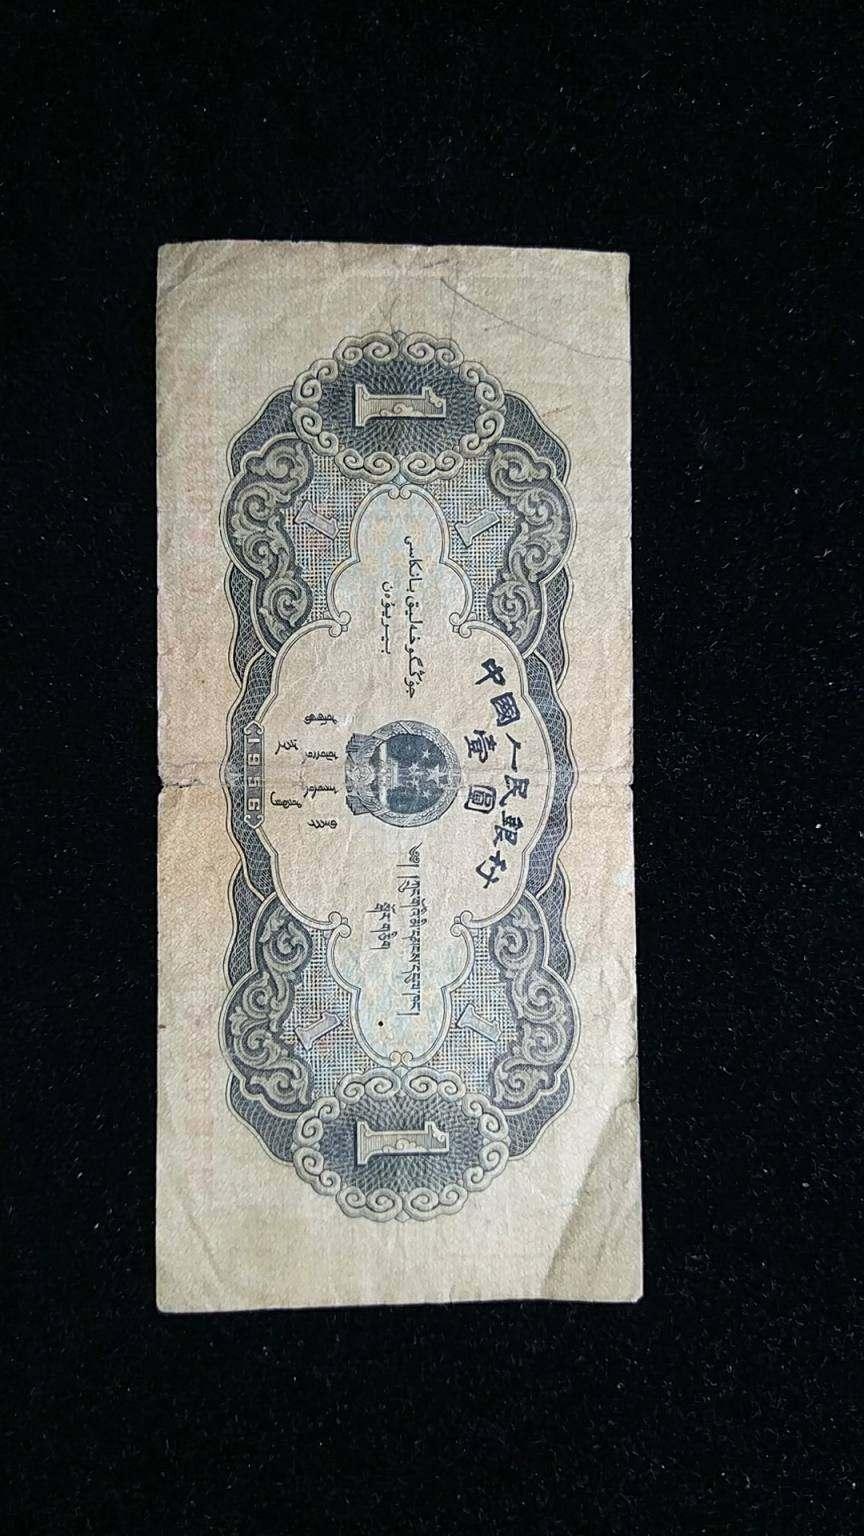 第二套人民币1元值多少钱 第二套人民币1元真假鉴定